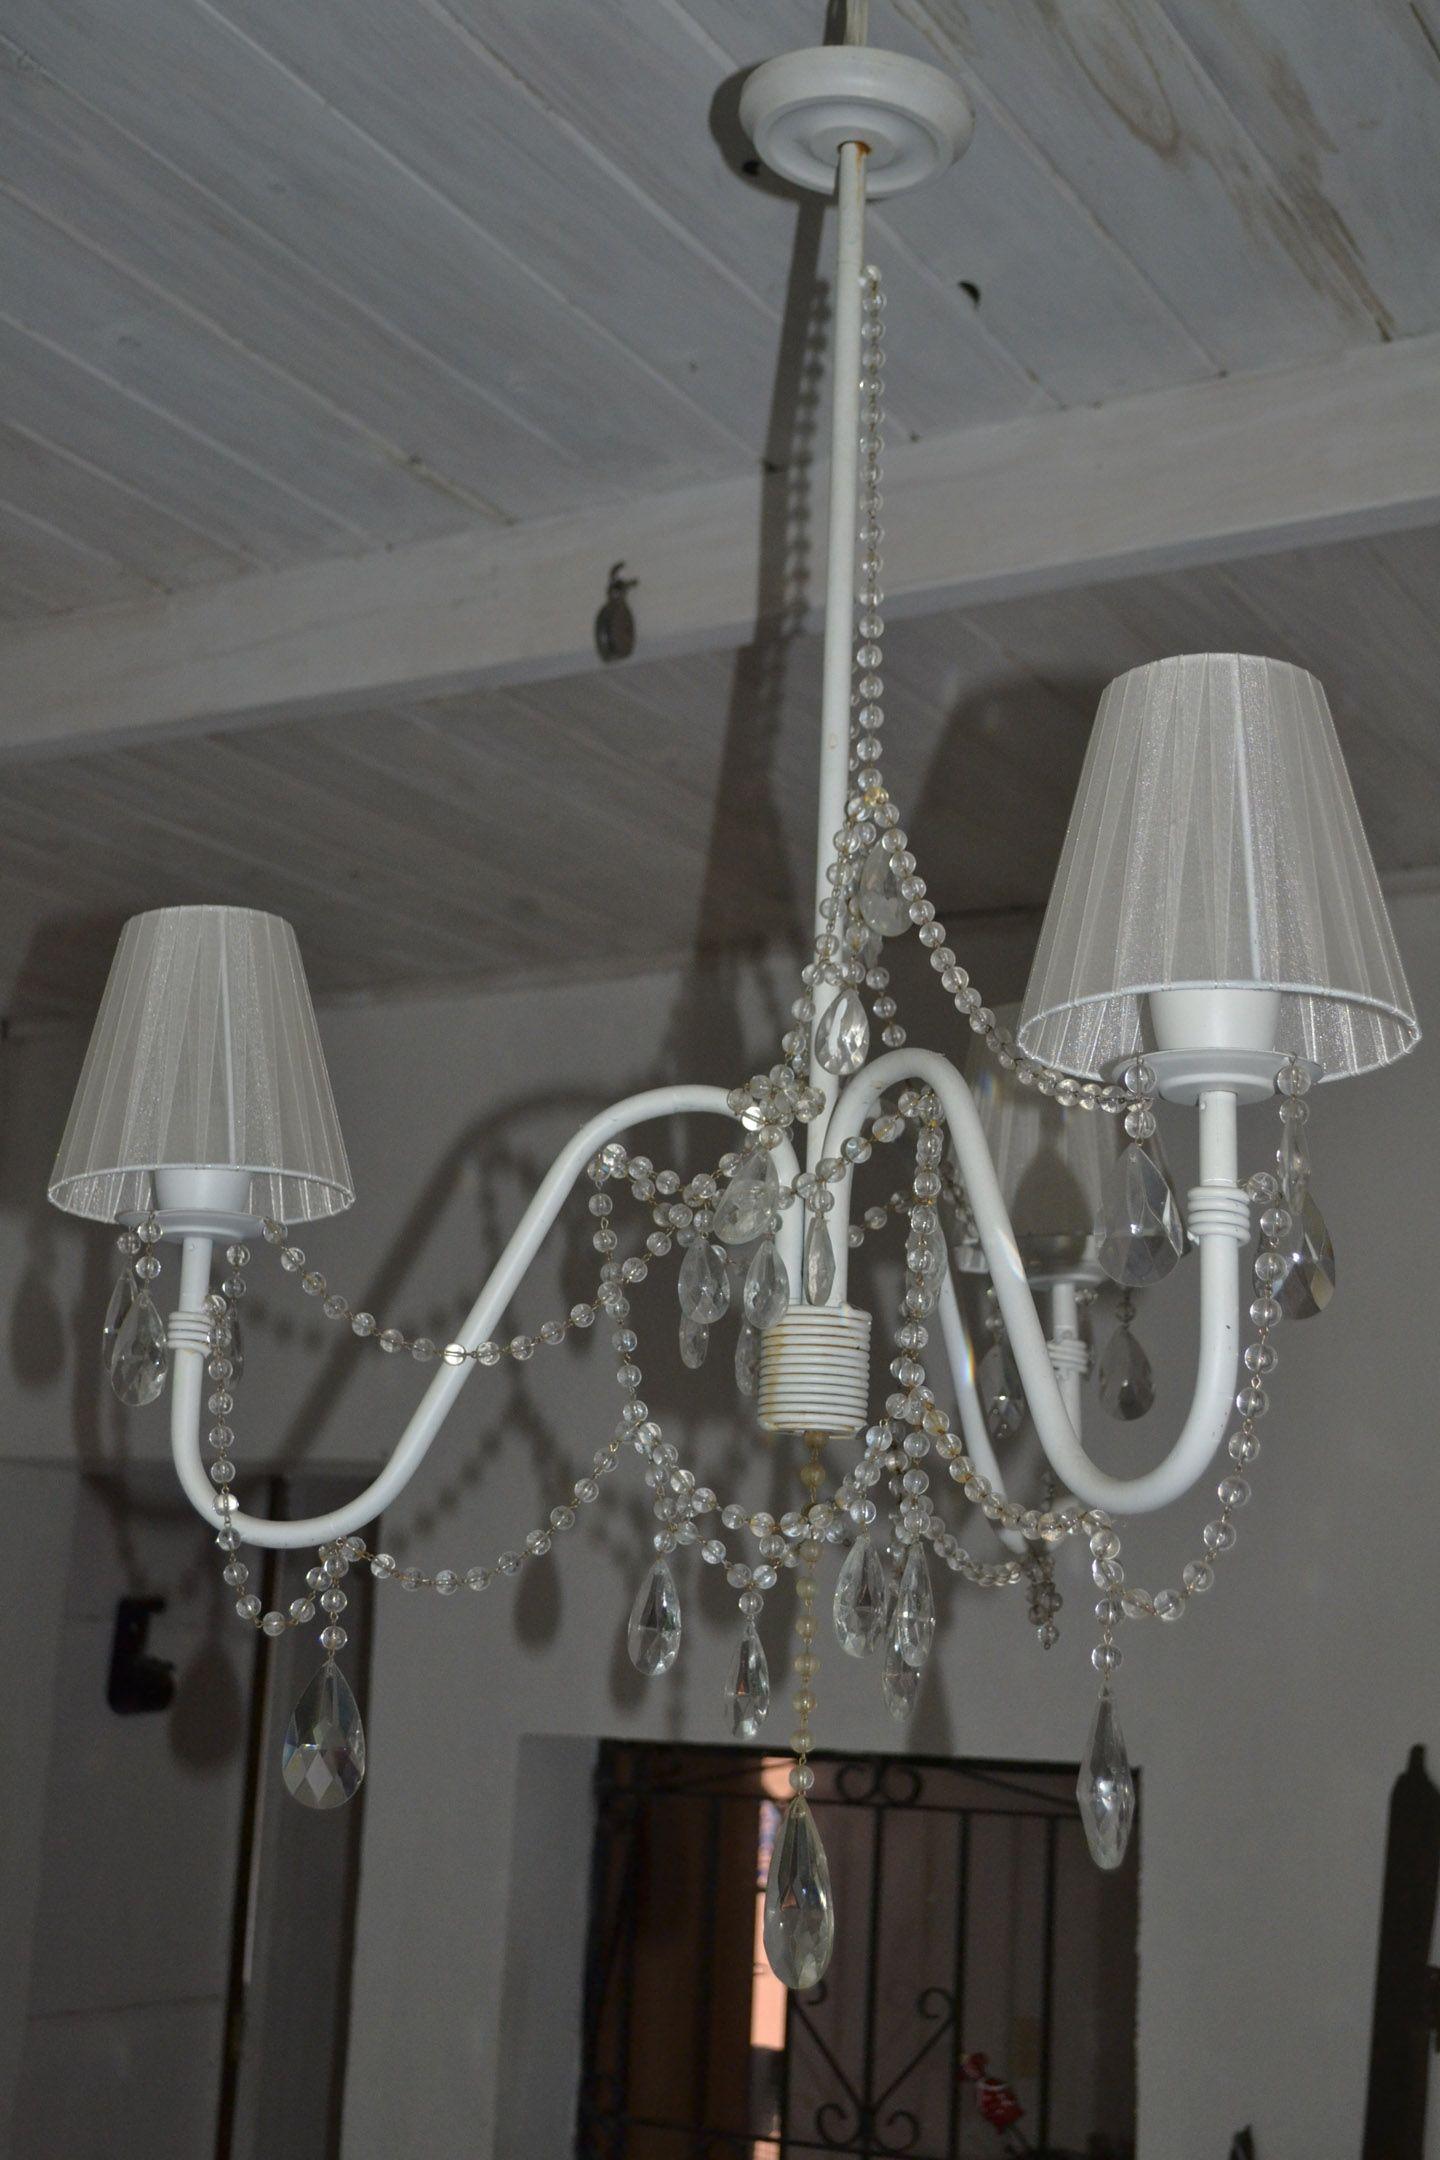 Ara a de hierro con pantallas de tela caireles de vidrio x 3 luces 750 ver combo aplique - Lamparas de arana de cristal ...